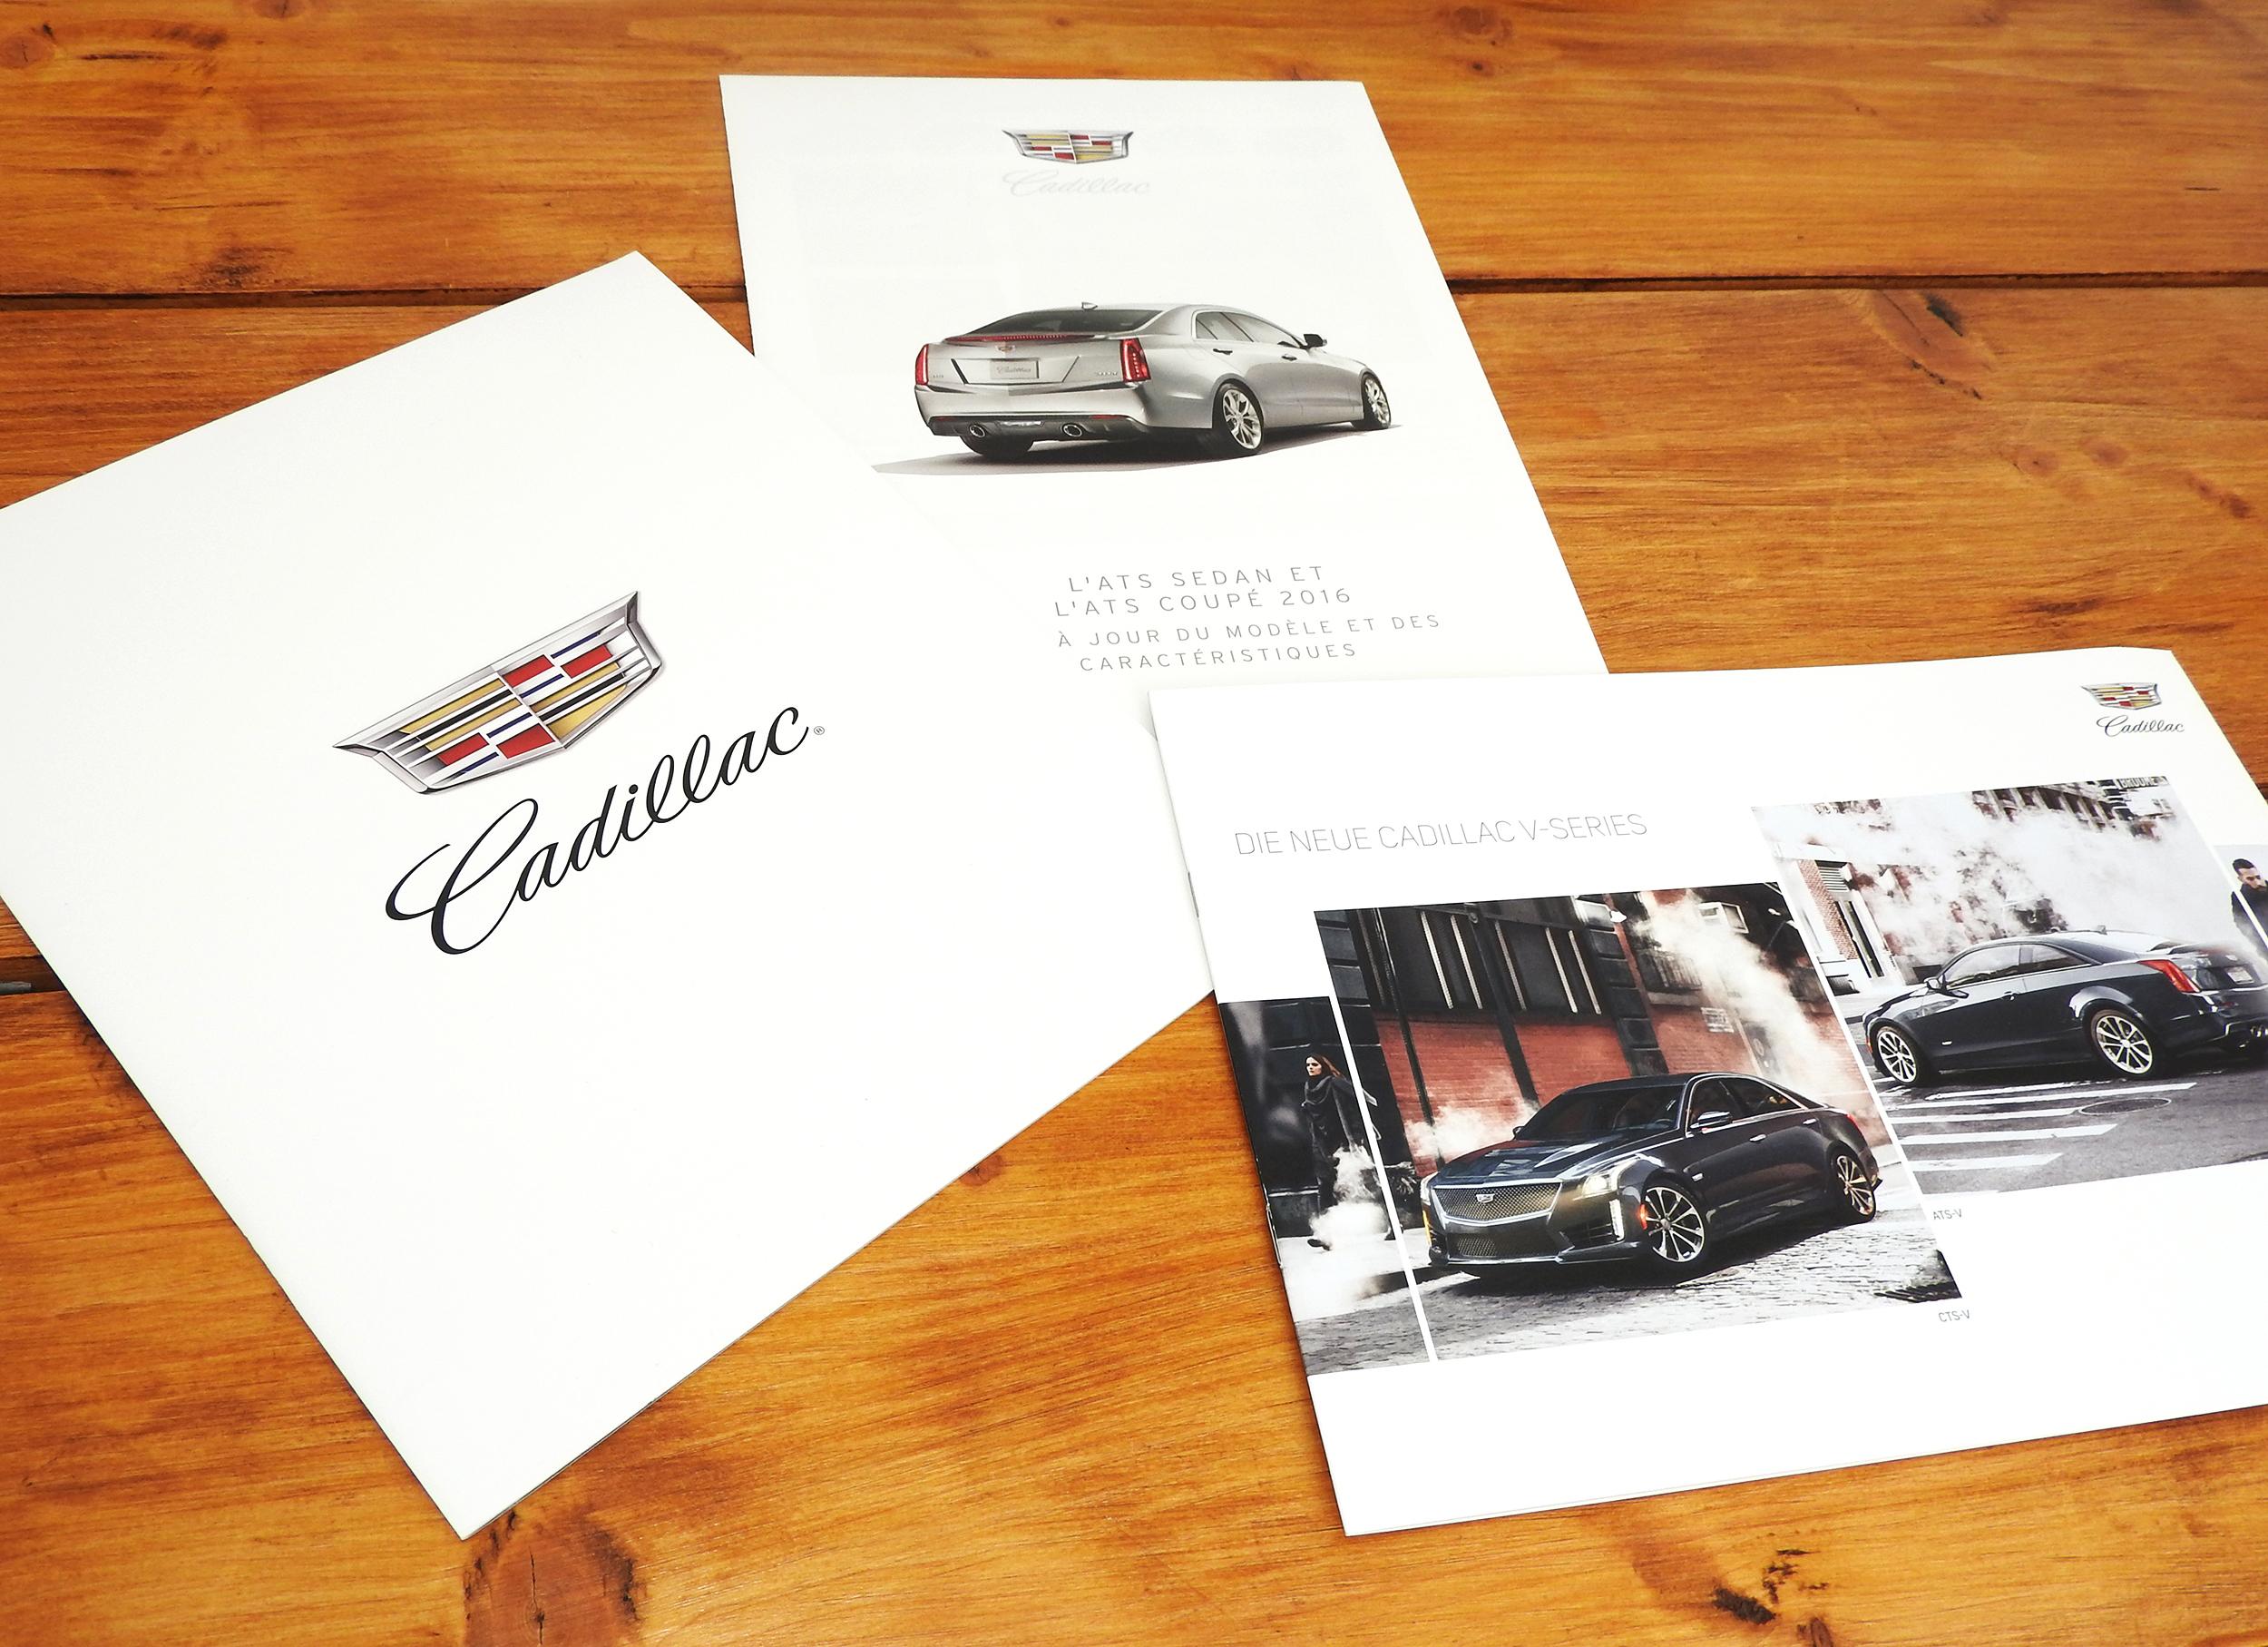 Cadillac Material V.2.jpg